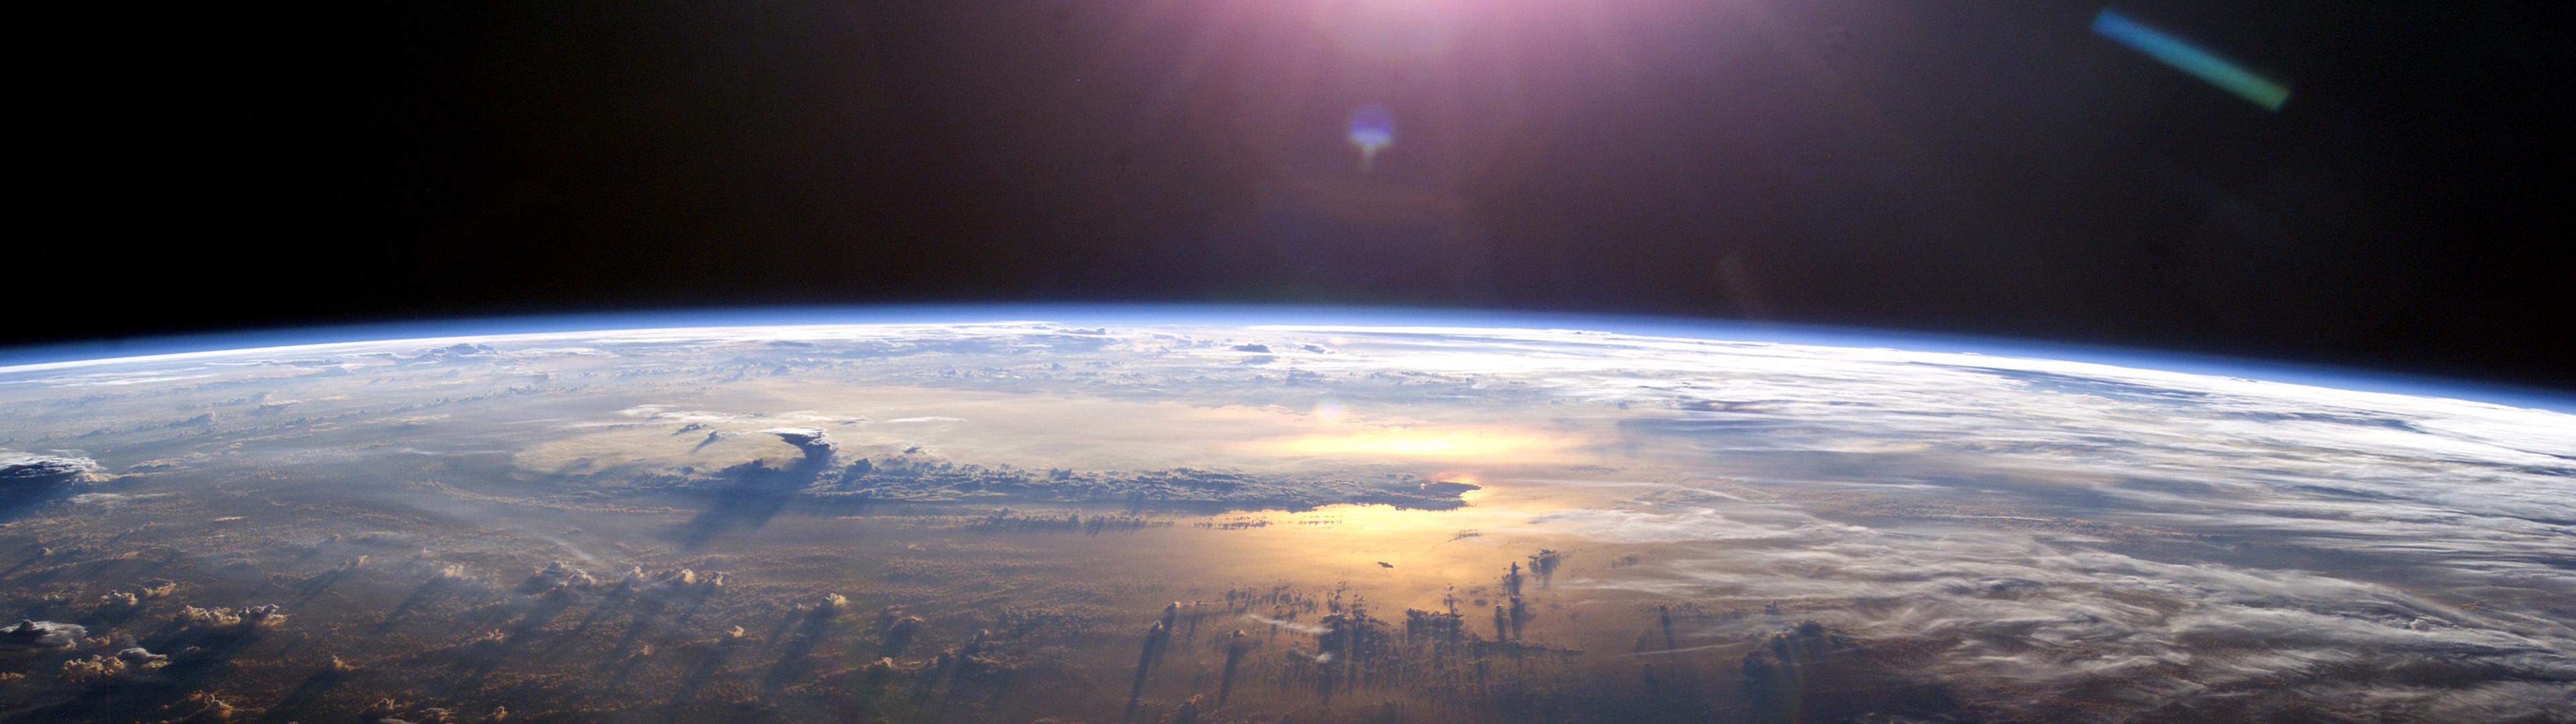 Das Universum, Wissenschaft, Monitor, Ozean, Hintergrundbilder, Akademie,  Wallpaper Space, Space Aliens, University Of Washington